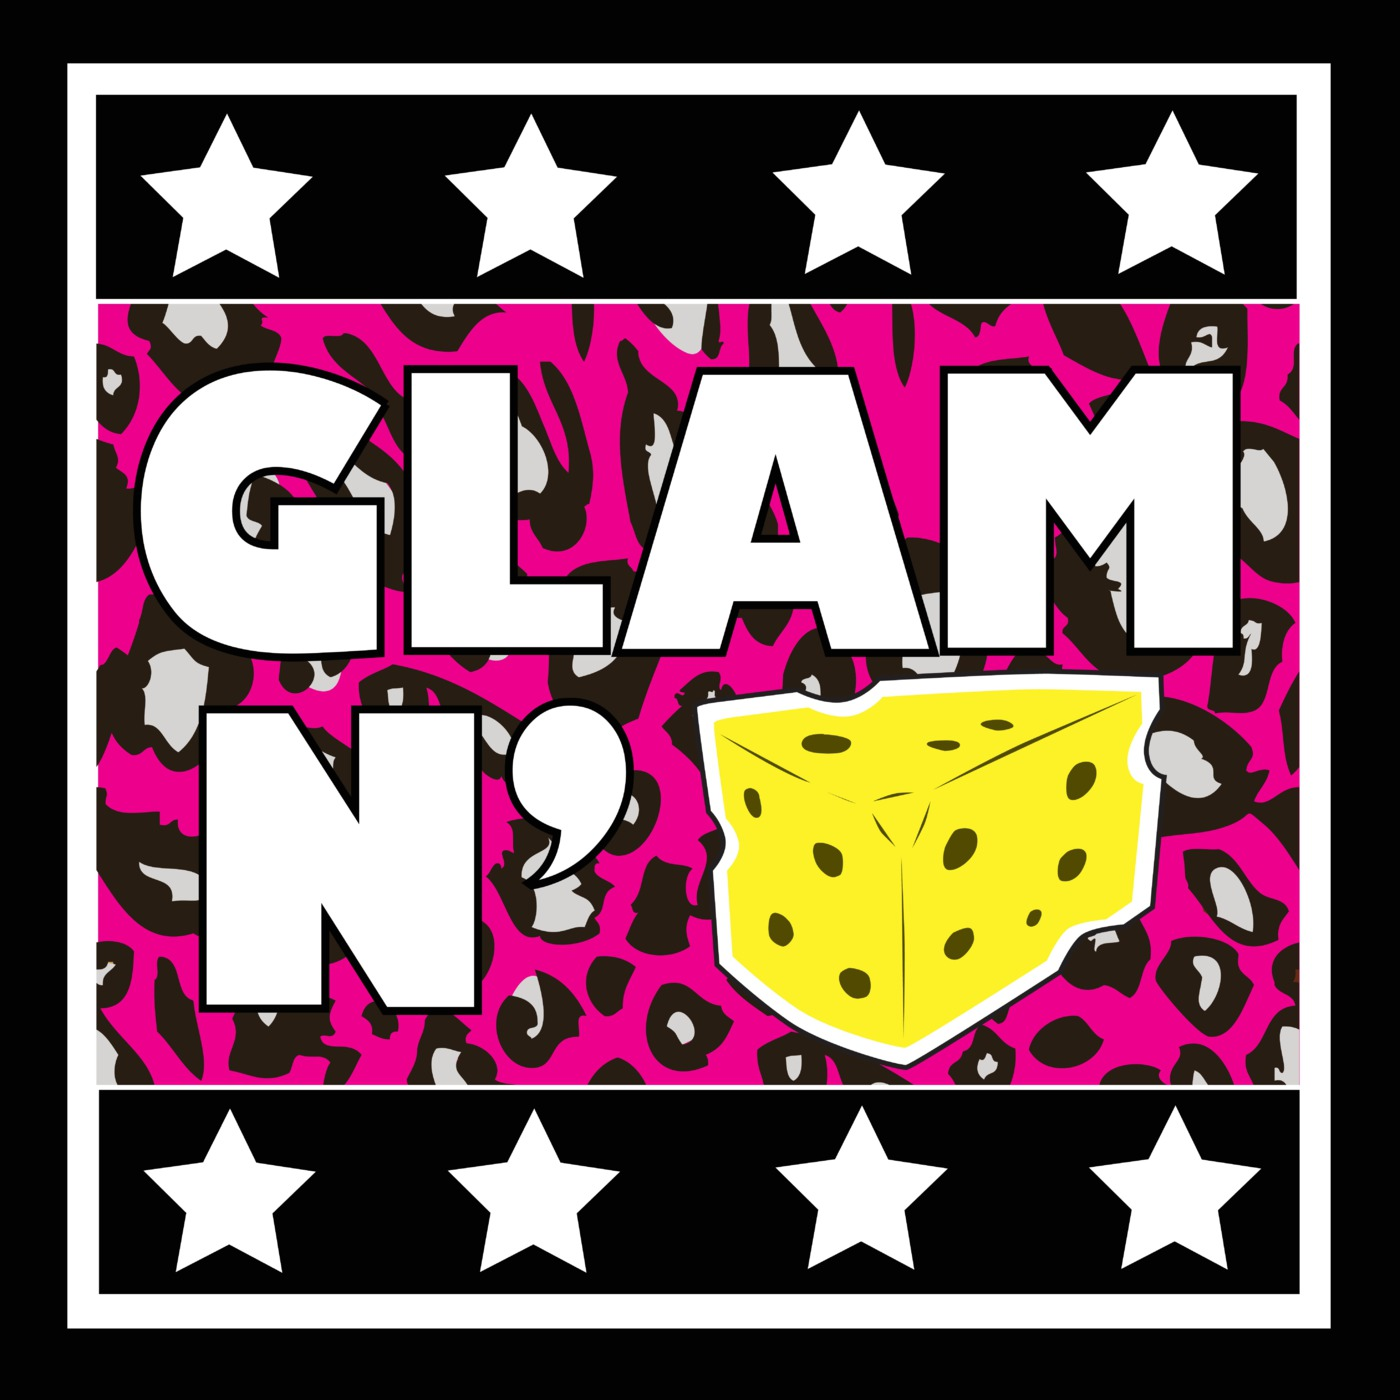 Glam N' Cheese